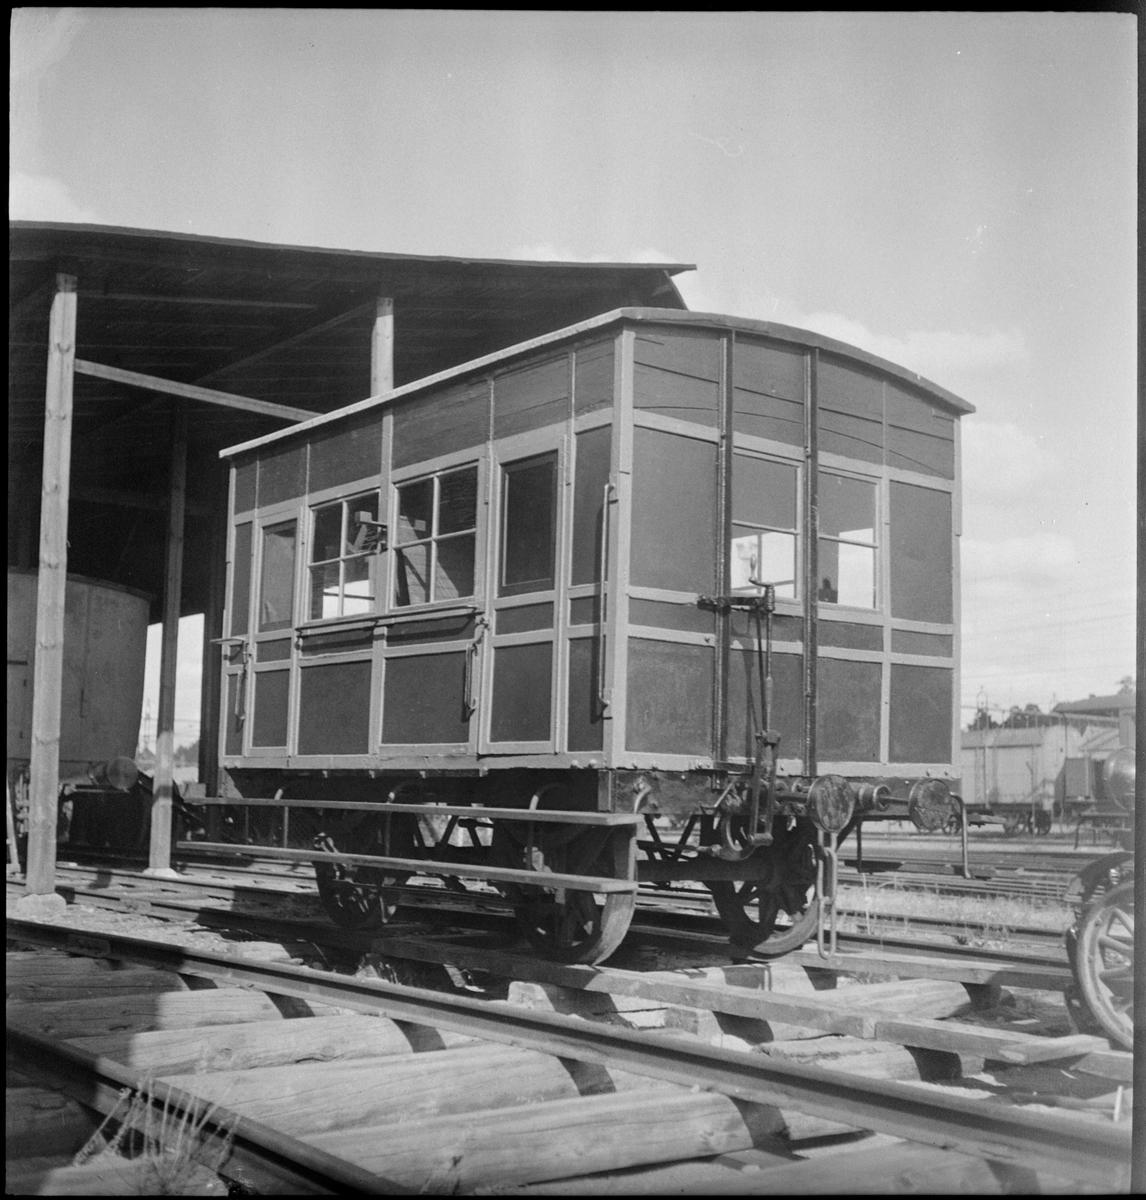 Ombyggd personvagn för kungligt bruk.